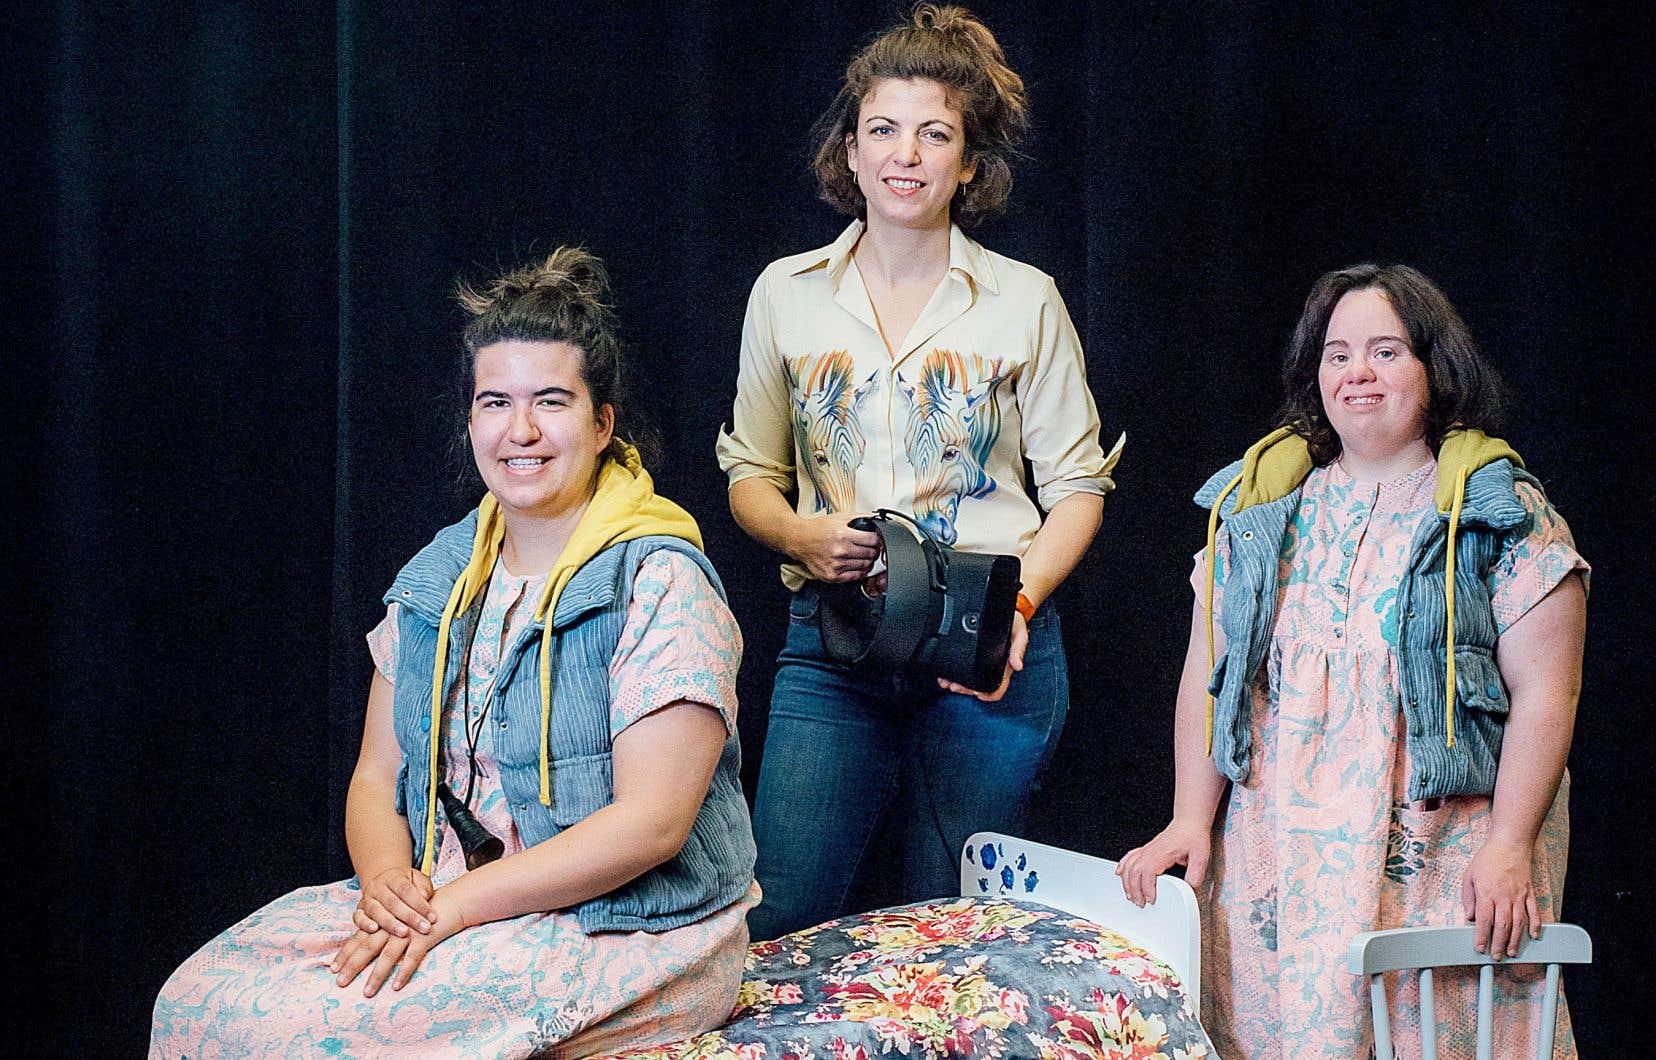 De gauche à droite: Anne Tremblay, interprète, Catherine Bourgeois, metteuse en scène, et Stephanie Colle, interprète, pour la pièce «Violette». La créatrice cherchait une forme esthétique pouvant convenir au sujet délicat des abus.